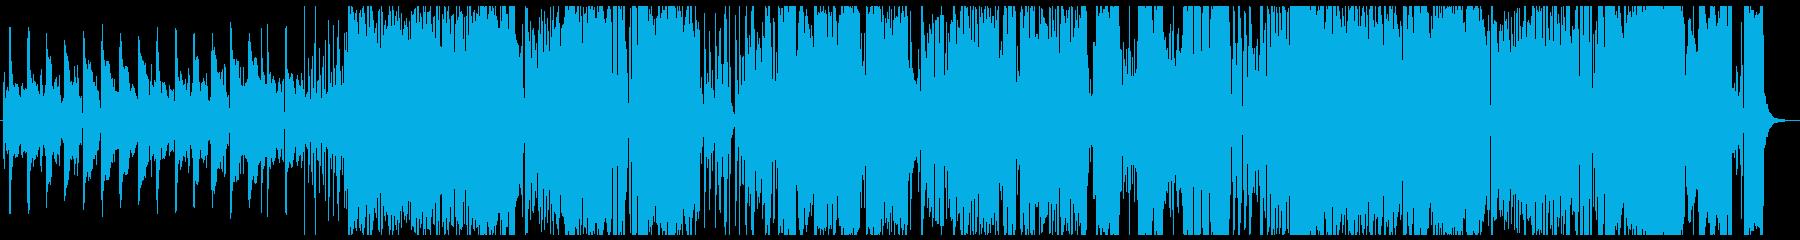 パワフルで疾走感のあるビッグバンドジャズの再生済みの波形